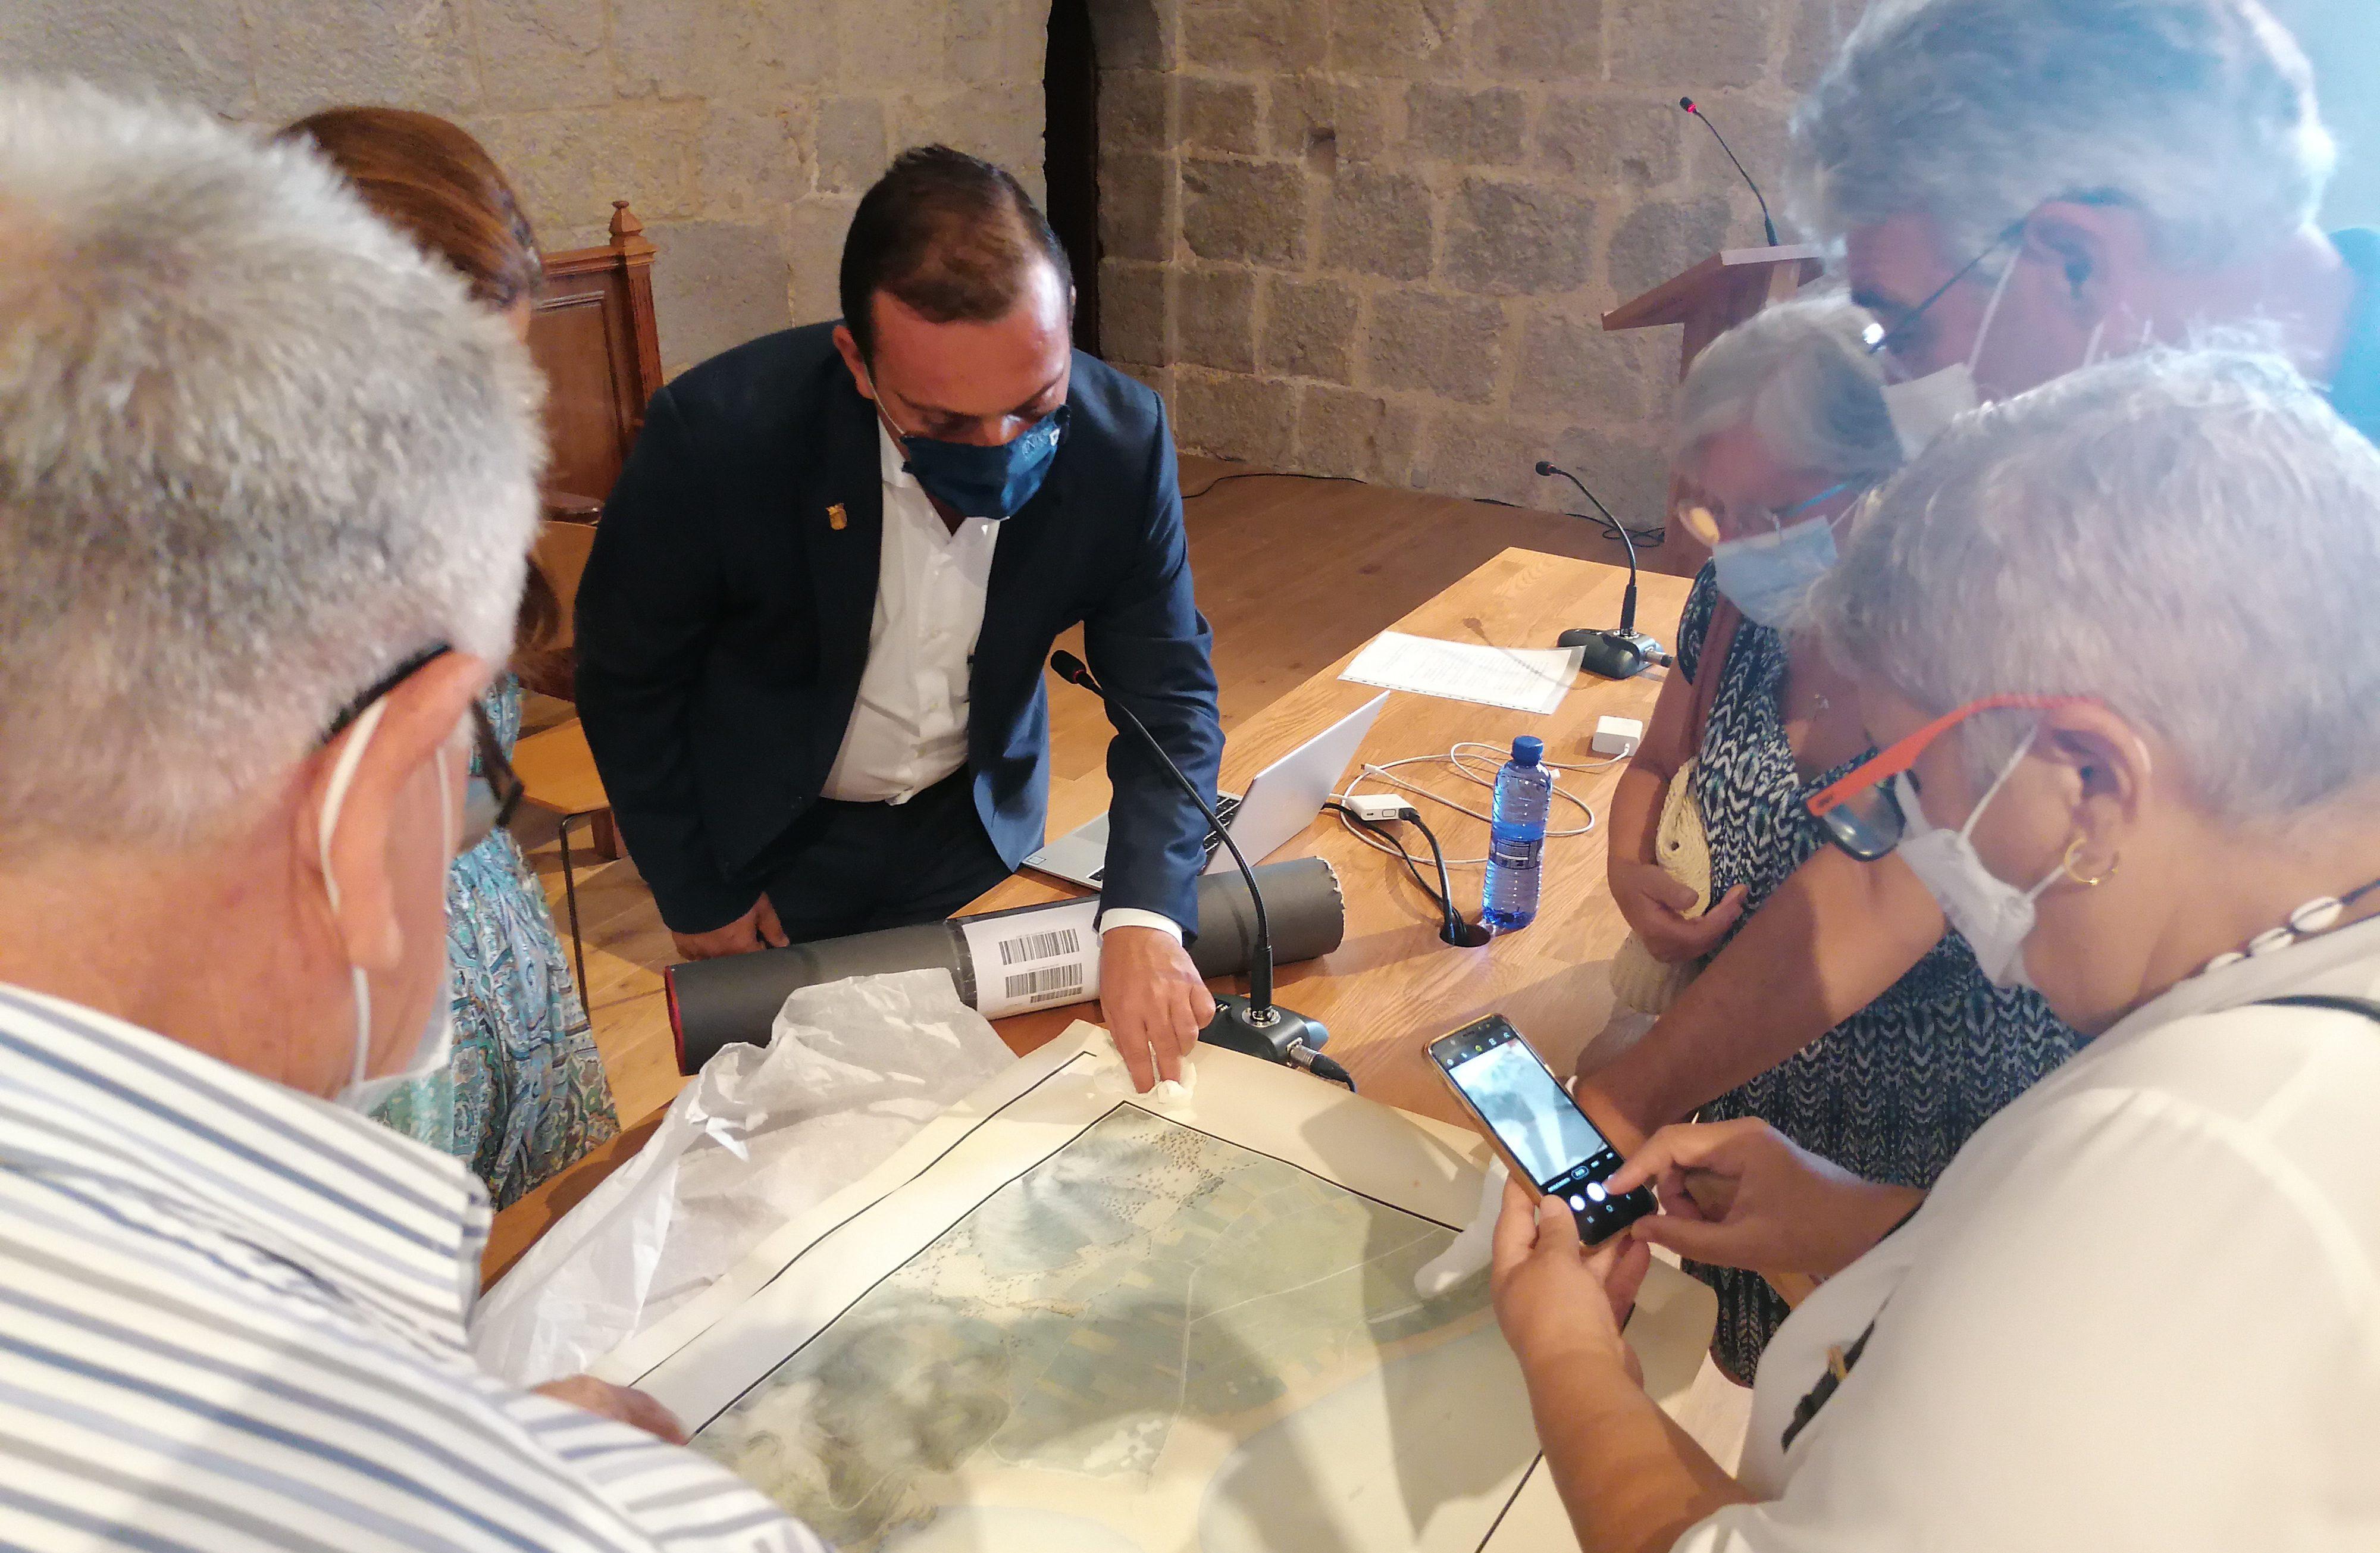 Peníscola adquireix un mapa i plànol de la ciutat elaborat per enginyers de Napoleó